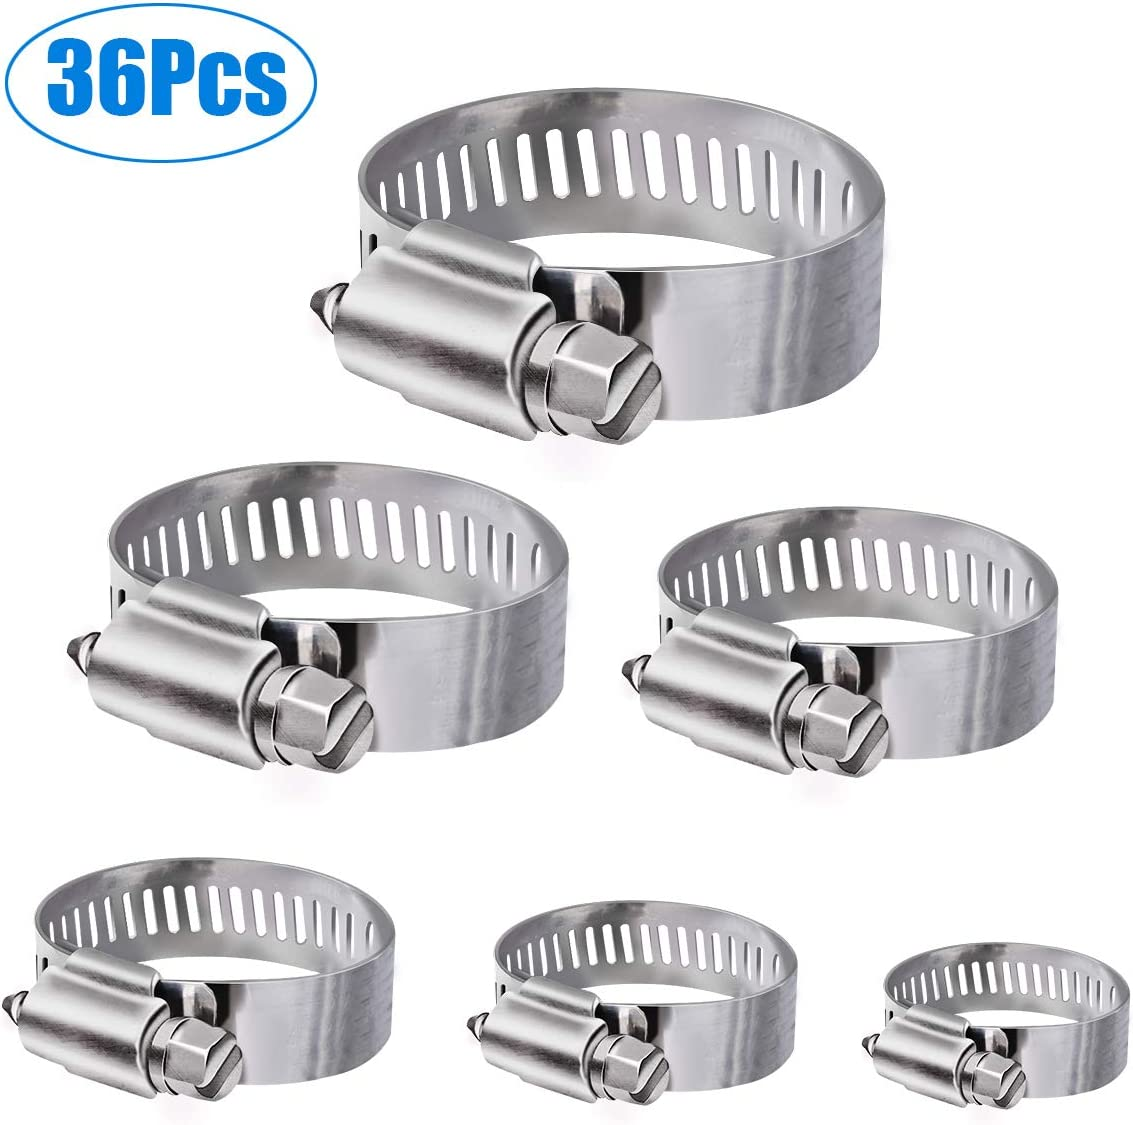 Clips de manguera WinWoner, 36 piezas Surtido de abrazaderas de manguera de acero inoxidable con rango ajustable de 6-51 mm 8 tamaños para tubería de agua, tanque de gas, etc